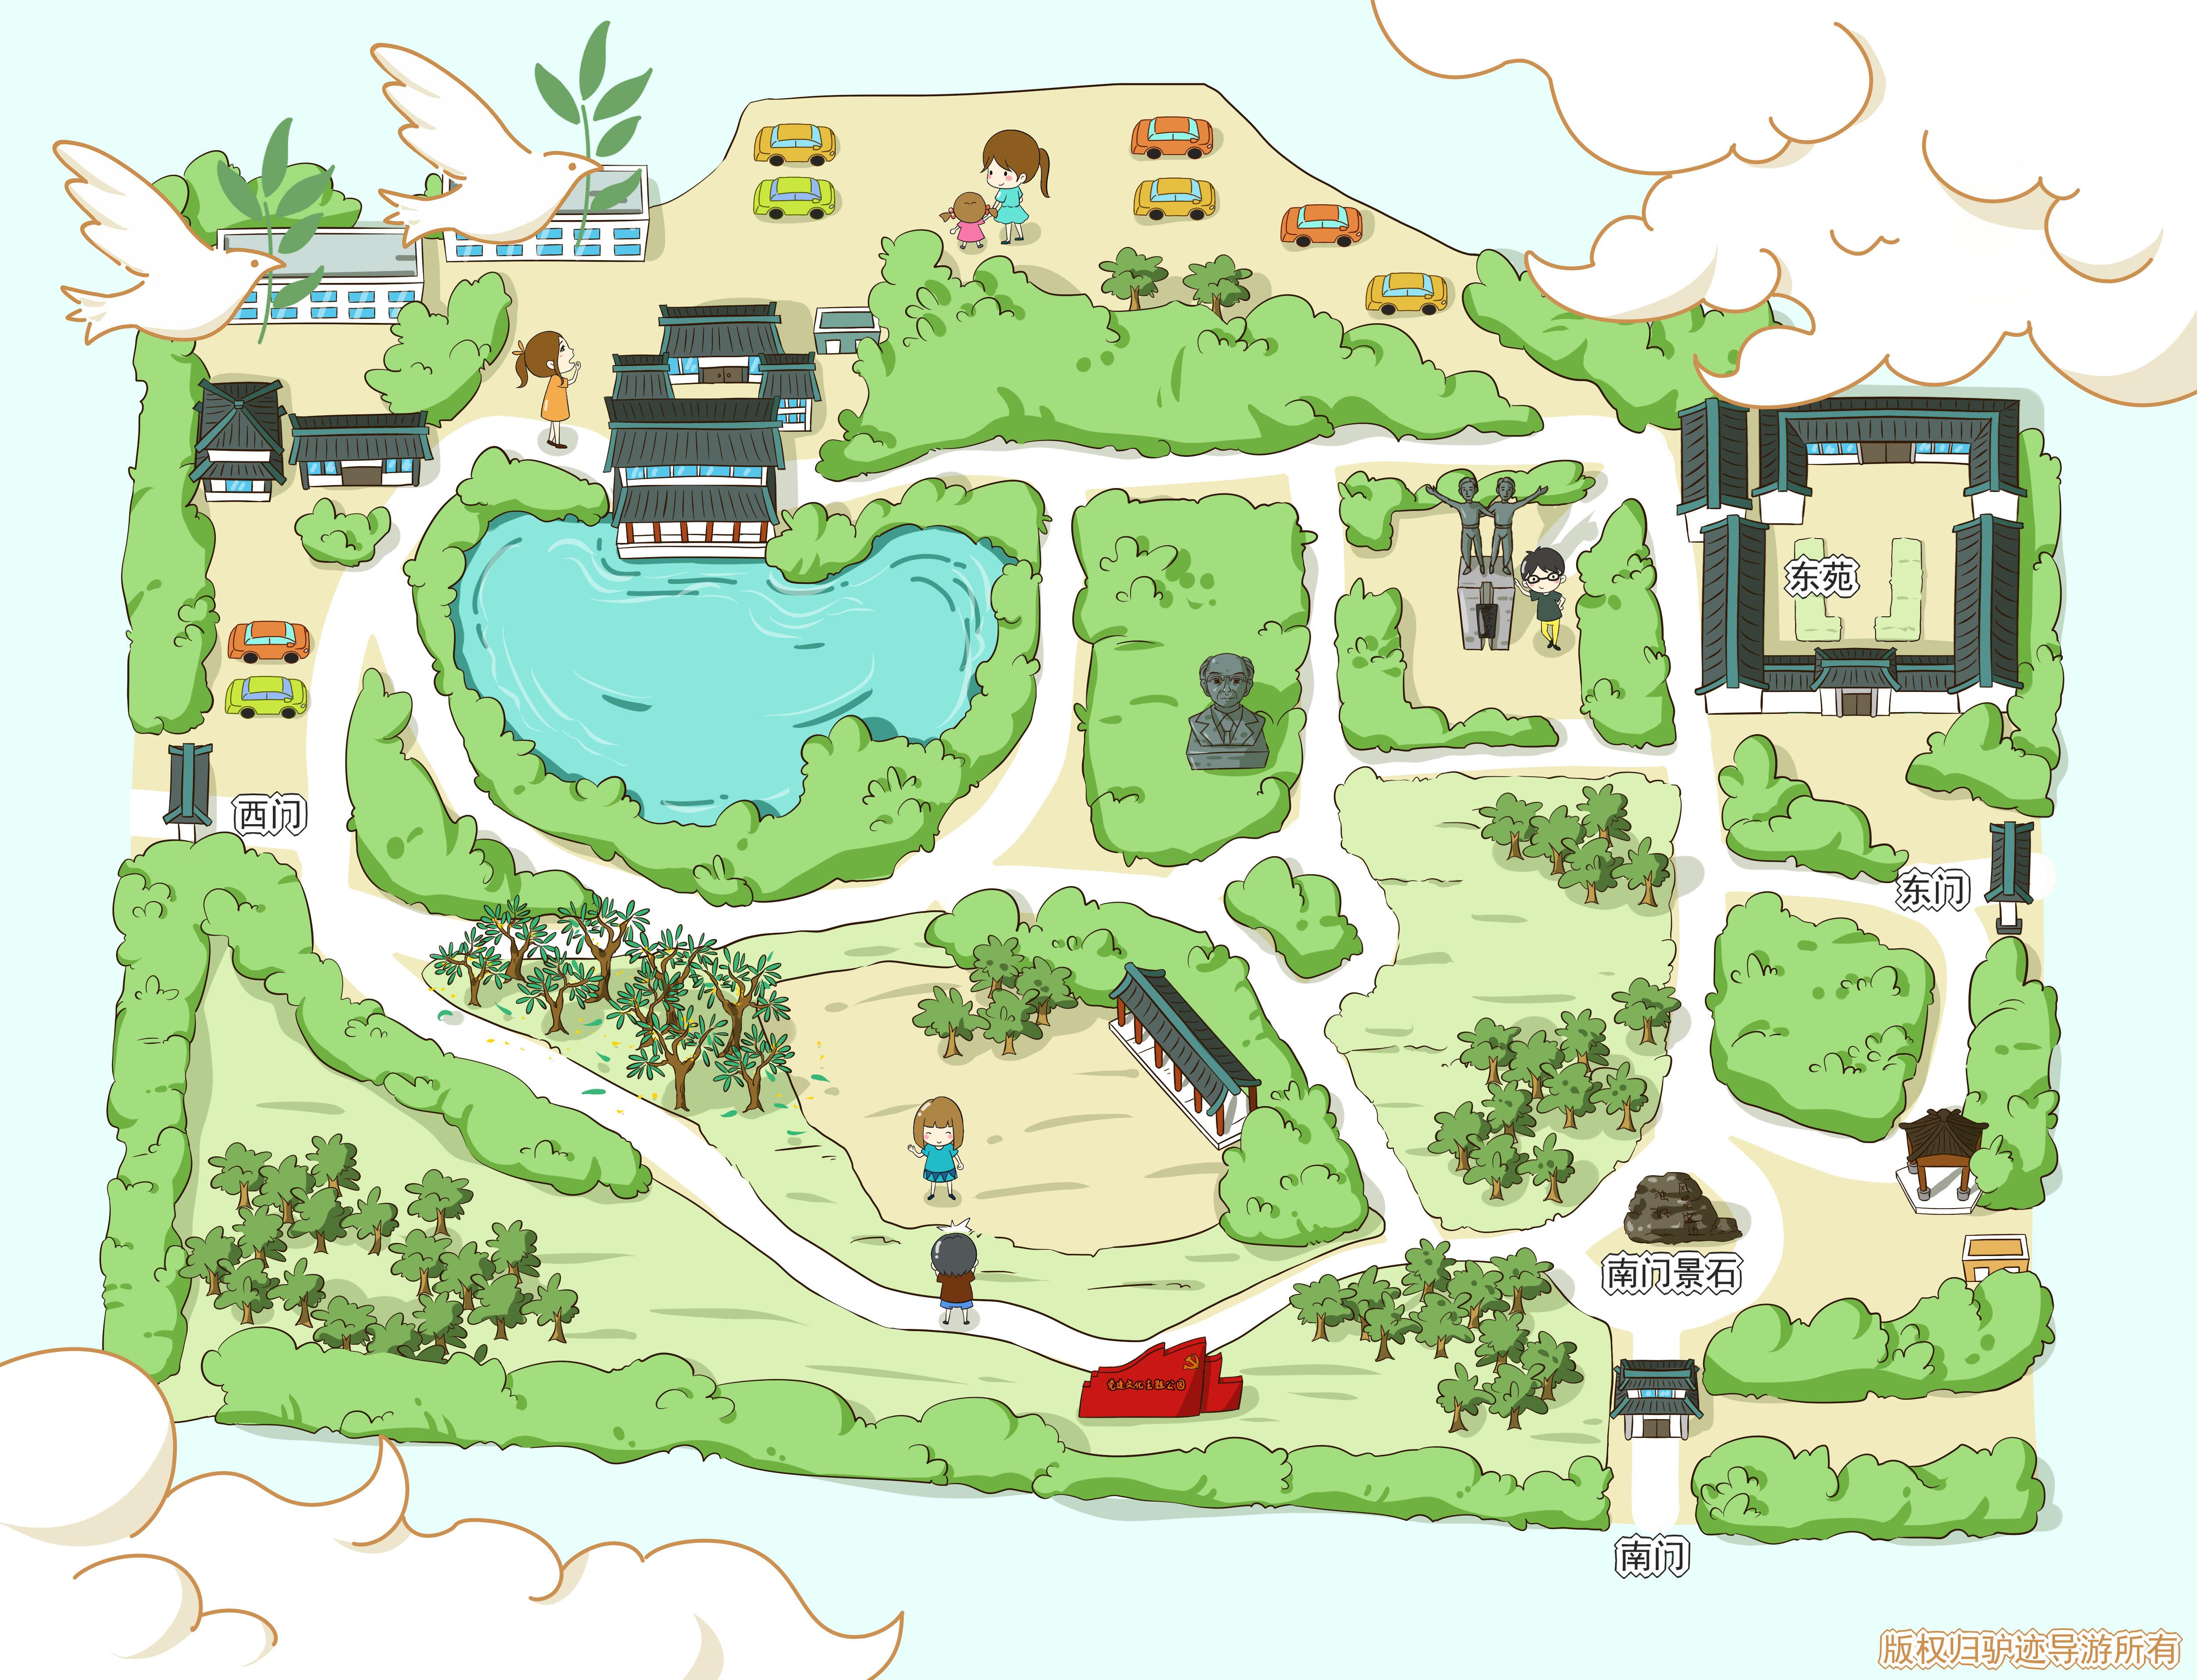 晓园公园手机导游【全景地图,园内导航,线路推荐,自动